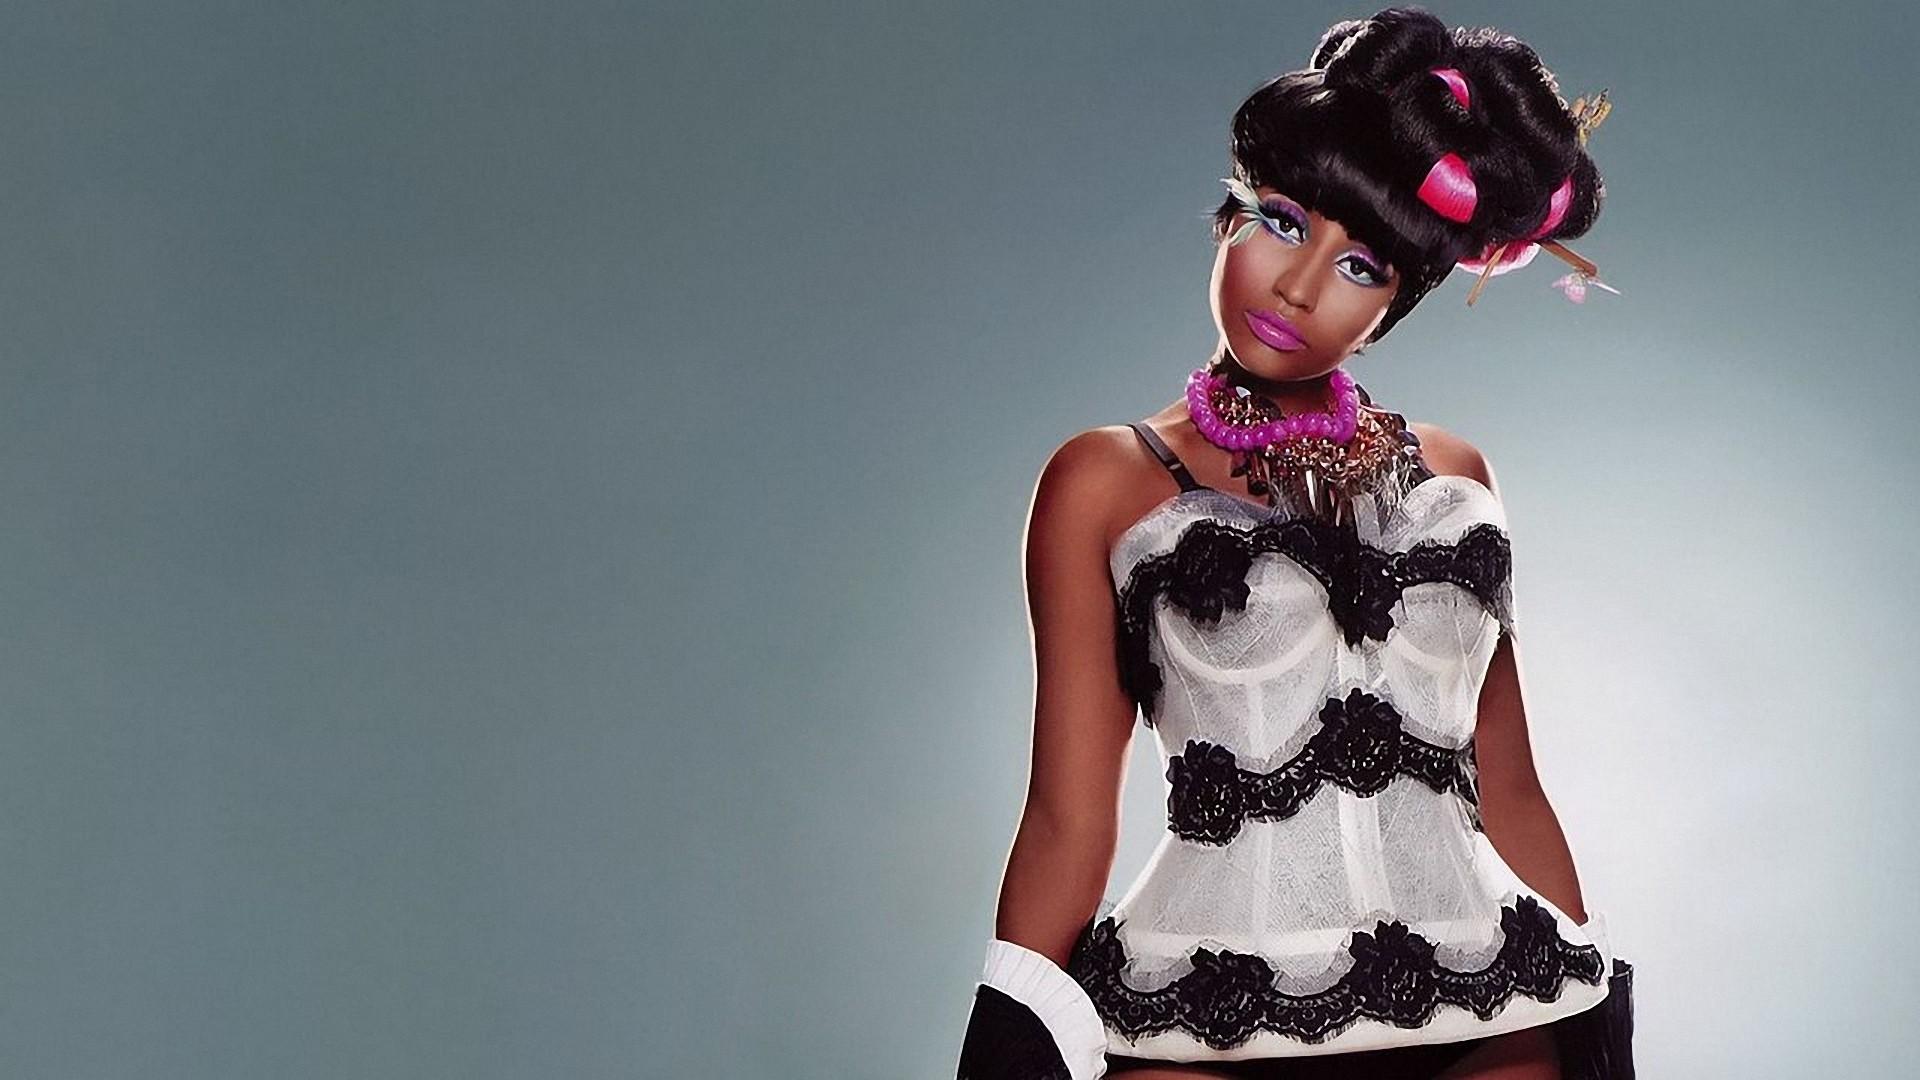 Free Nicki Minaj Wallpapers Download (30 Wallpapers ...